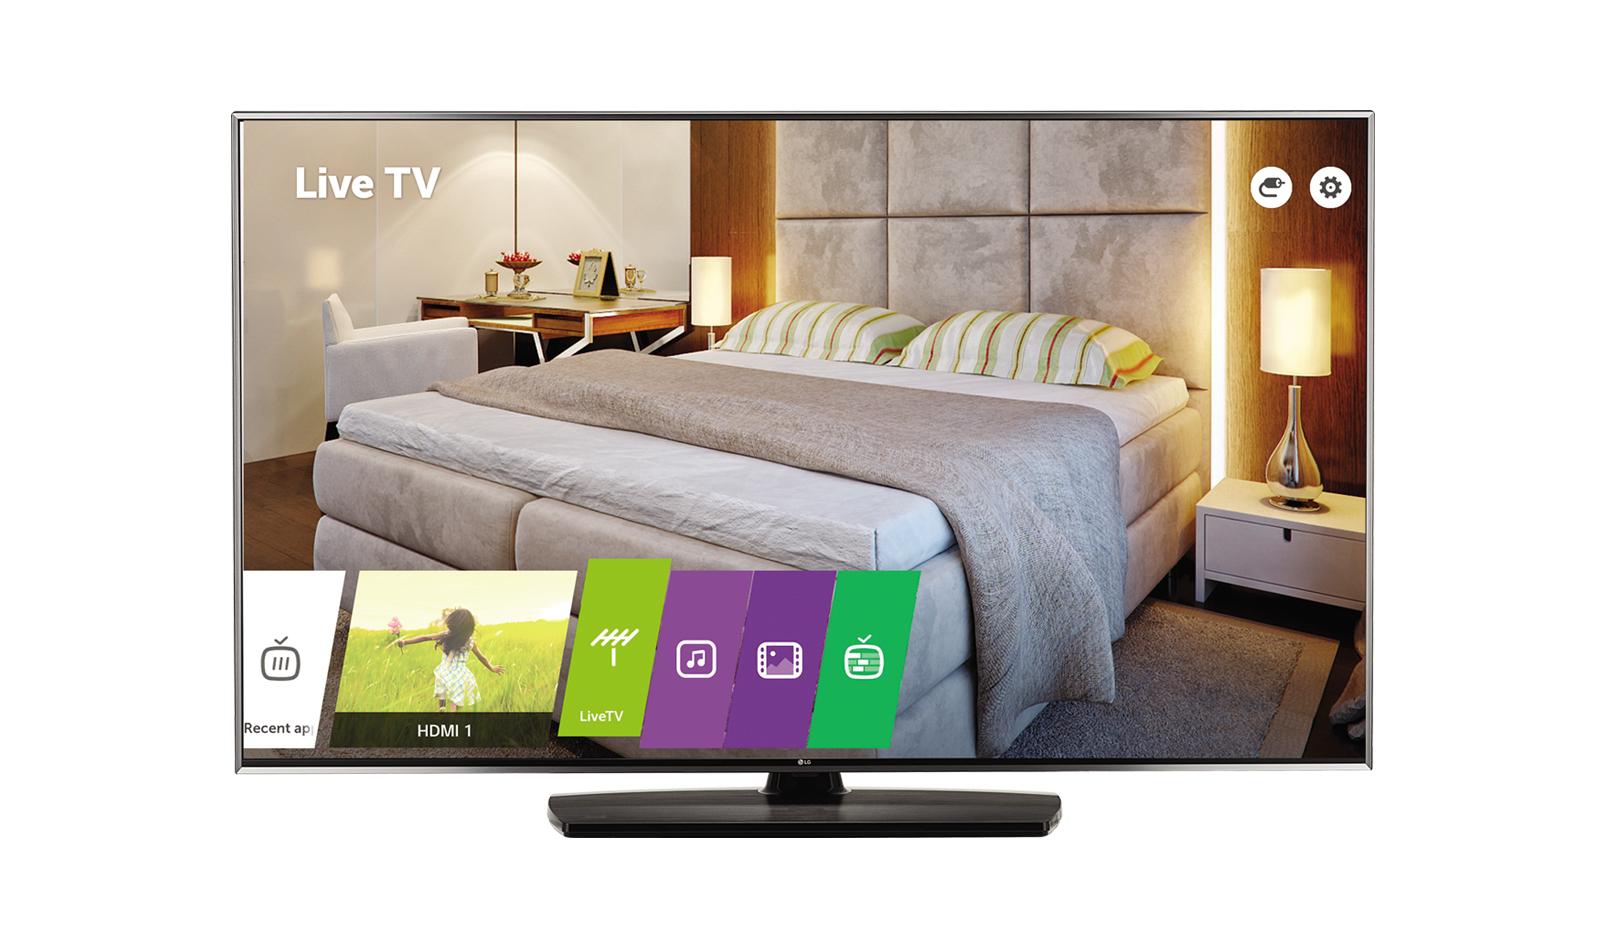 Tv 55in 55uv761h Edge LED 3840 X 2160 (4k Uhd) Commercial Smart Ultra Hd